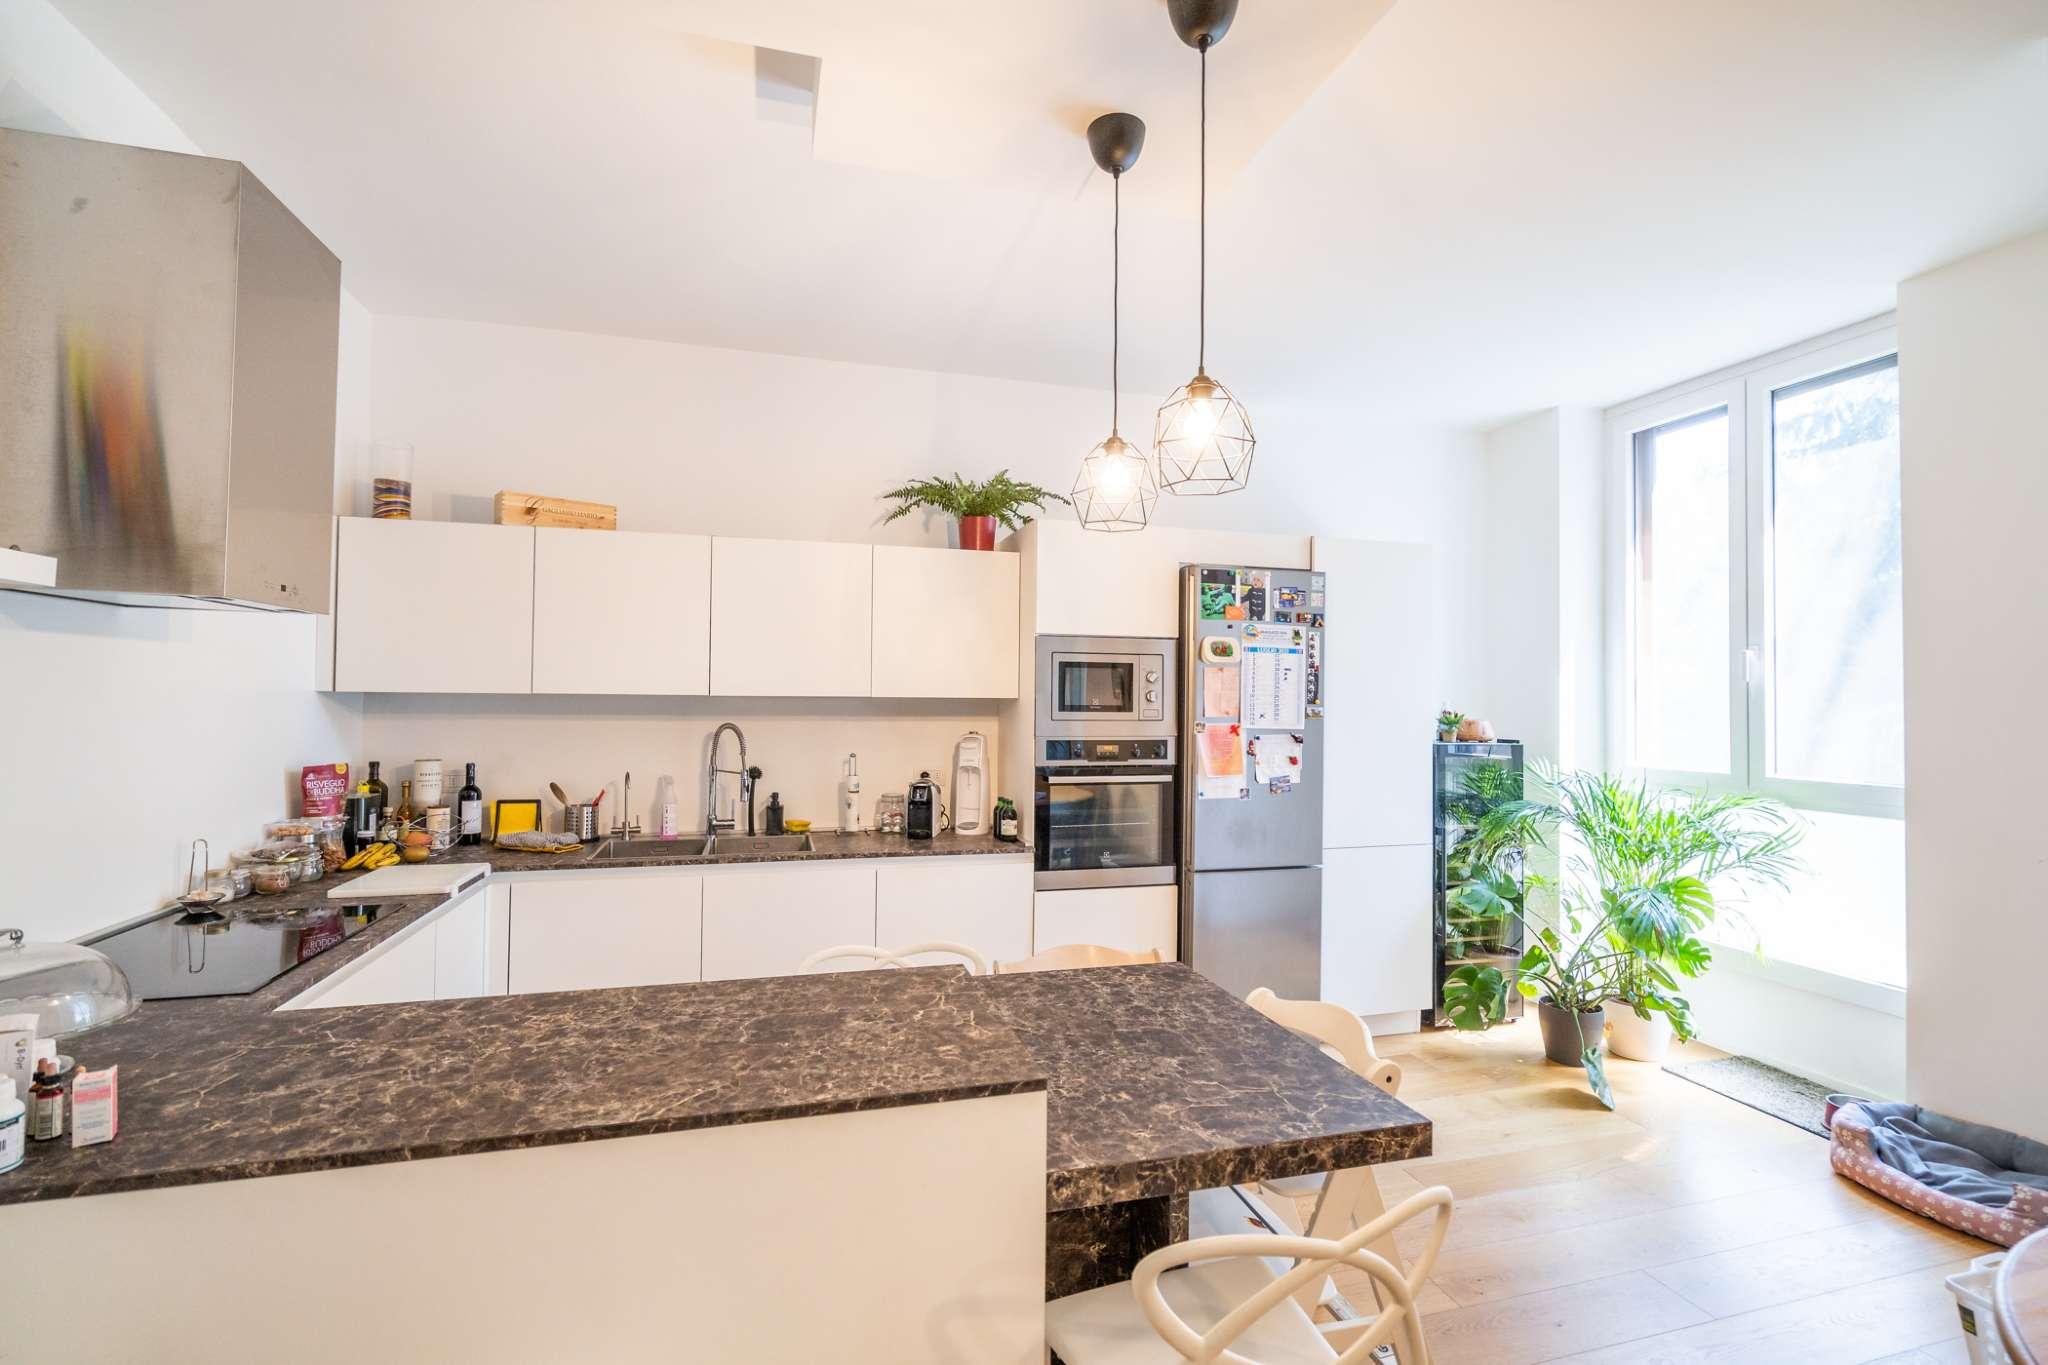 Appartamento in vendita a Segrate, 5 locali, prezzo € 830.000 | PortaleAgenzieImmobiliari.it